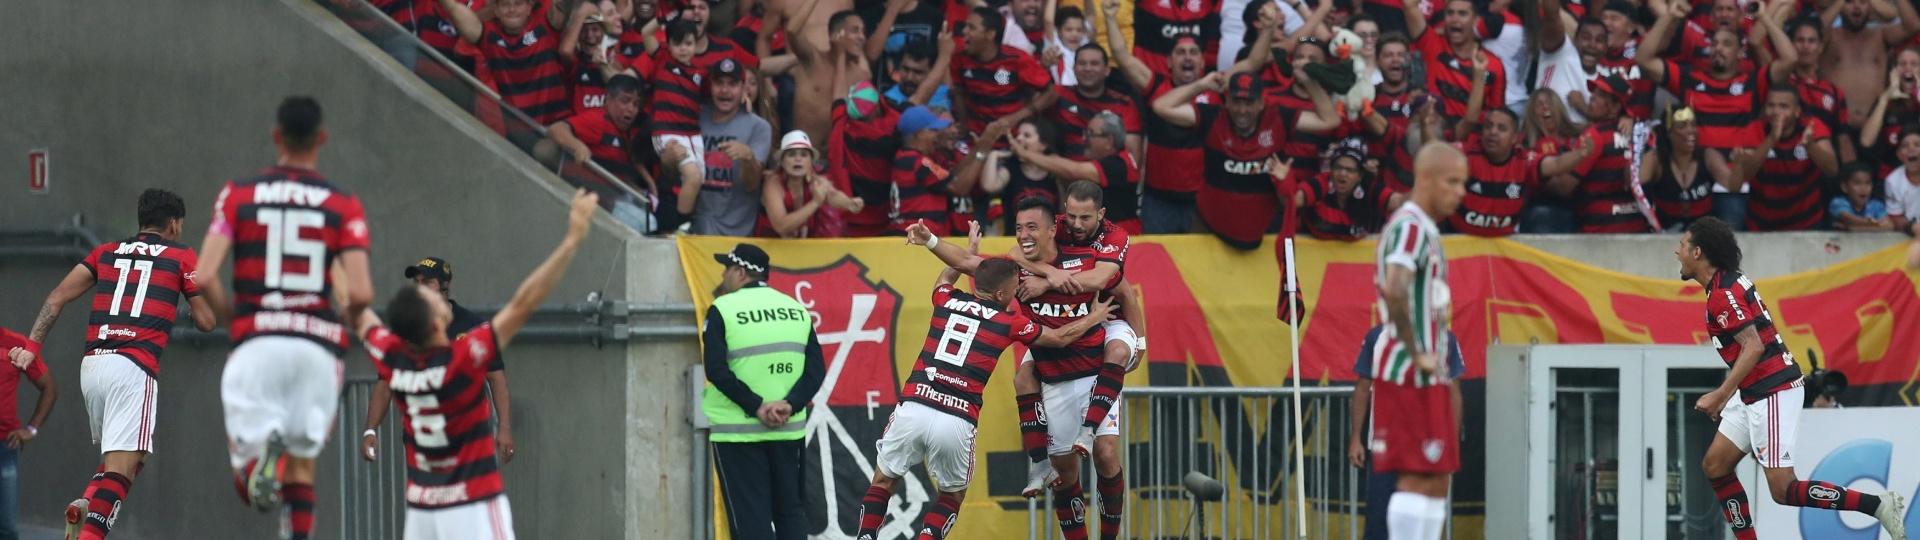 Jogadores do Flamengo comemoram gol de Uribe no clássico contra o Fluminense